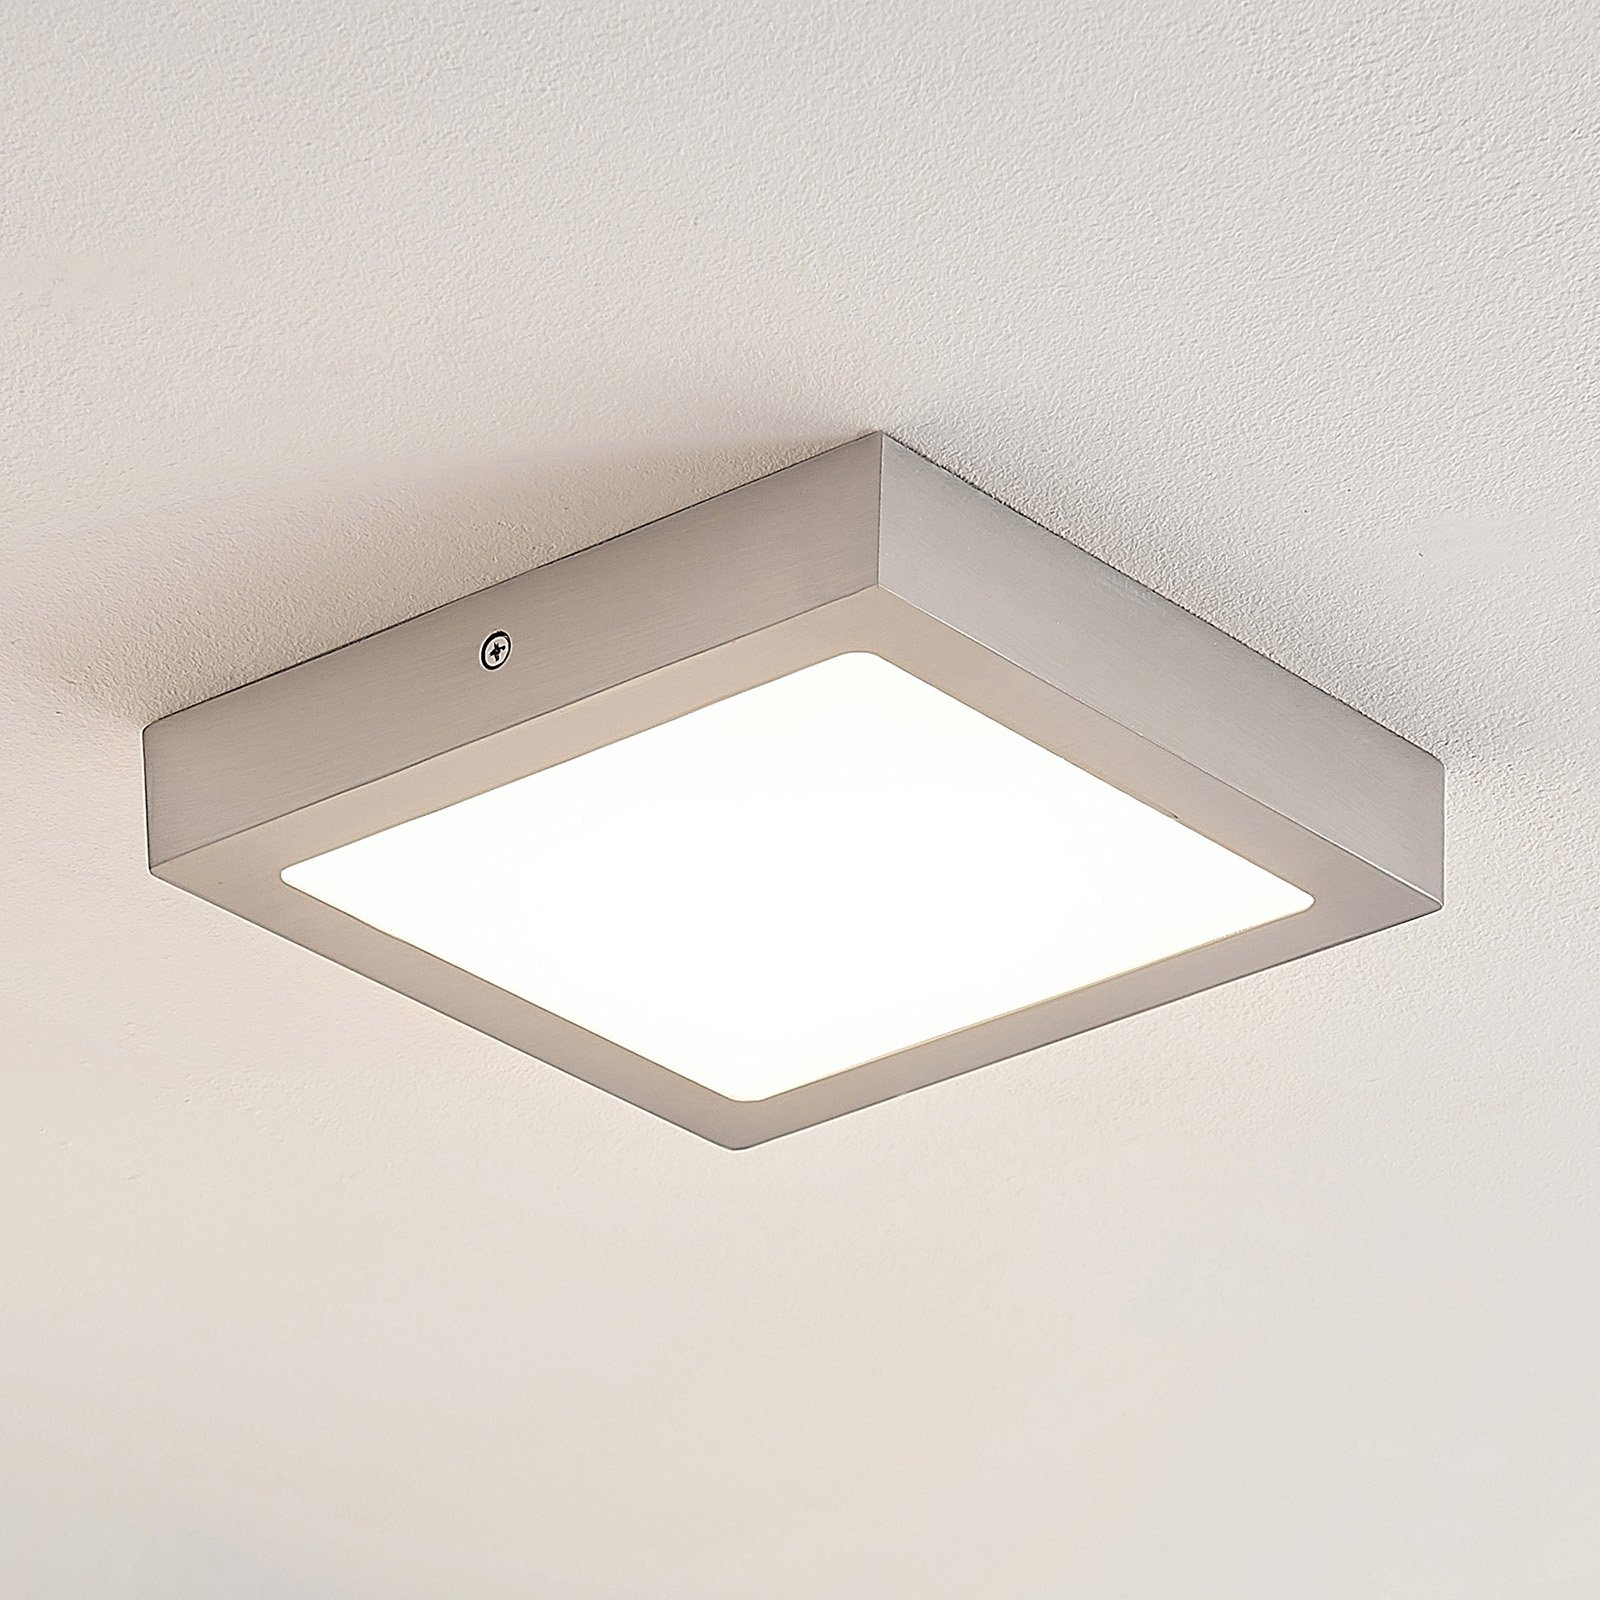 ELC Merina LED-taklampe nikkel, 21,5 x 21,5cm